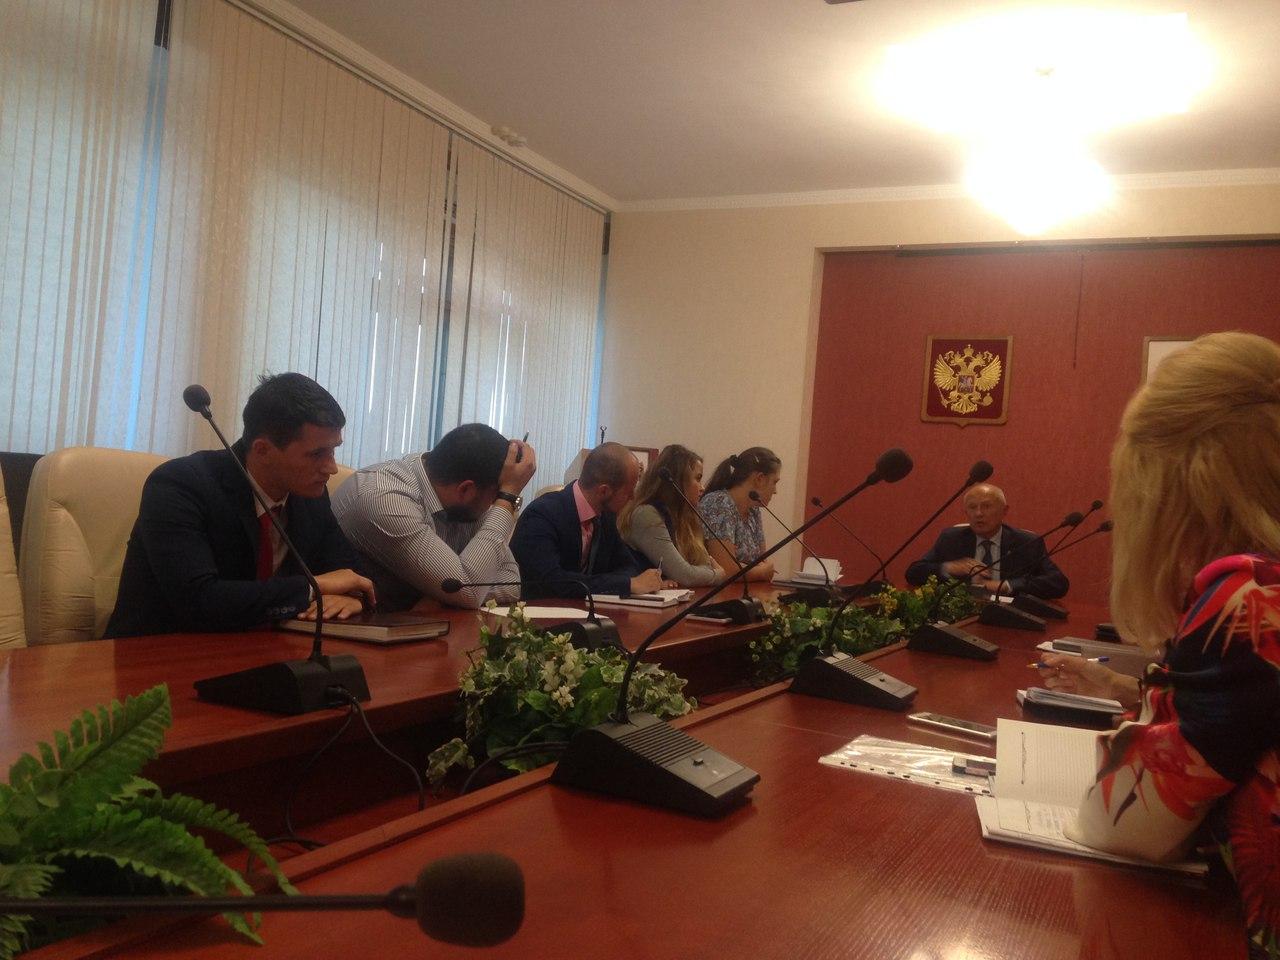 Председатель Законодательного Собрания Виктор Бабурин встретился с членами Совета молодежного парламента.